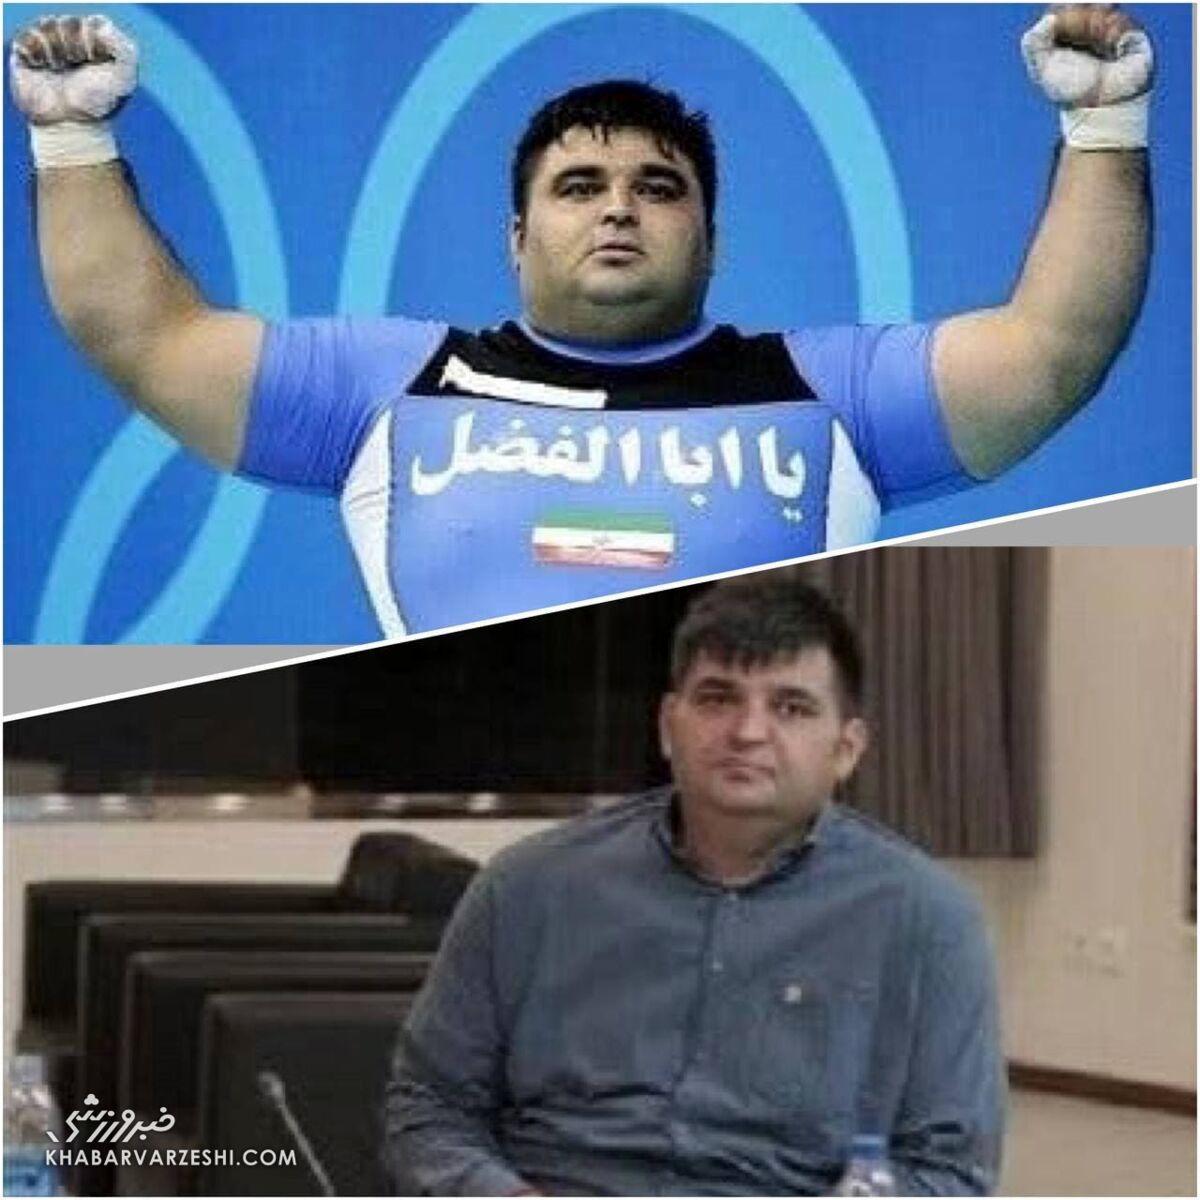 تصویری از کاهش وزن باورنکردنی هرکول ایرانی/ حسین رضازاده را ببینید نمی شناسید!